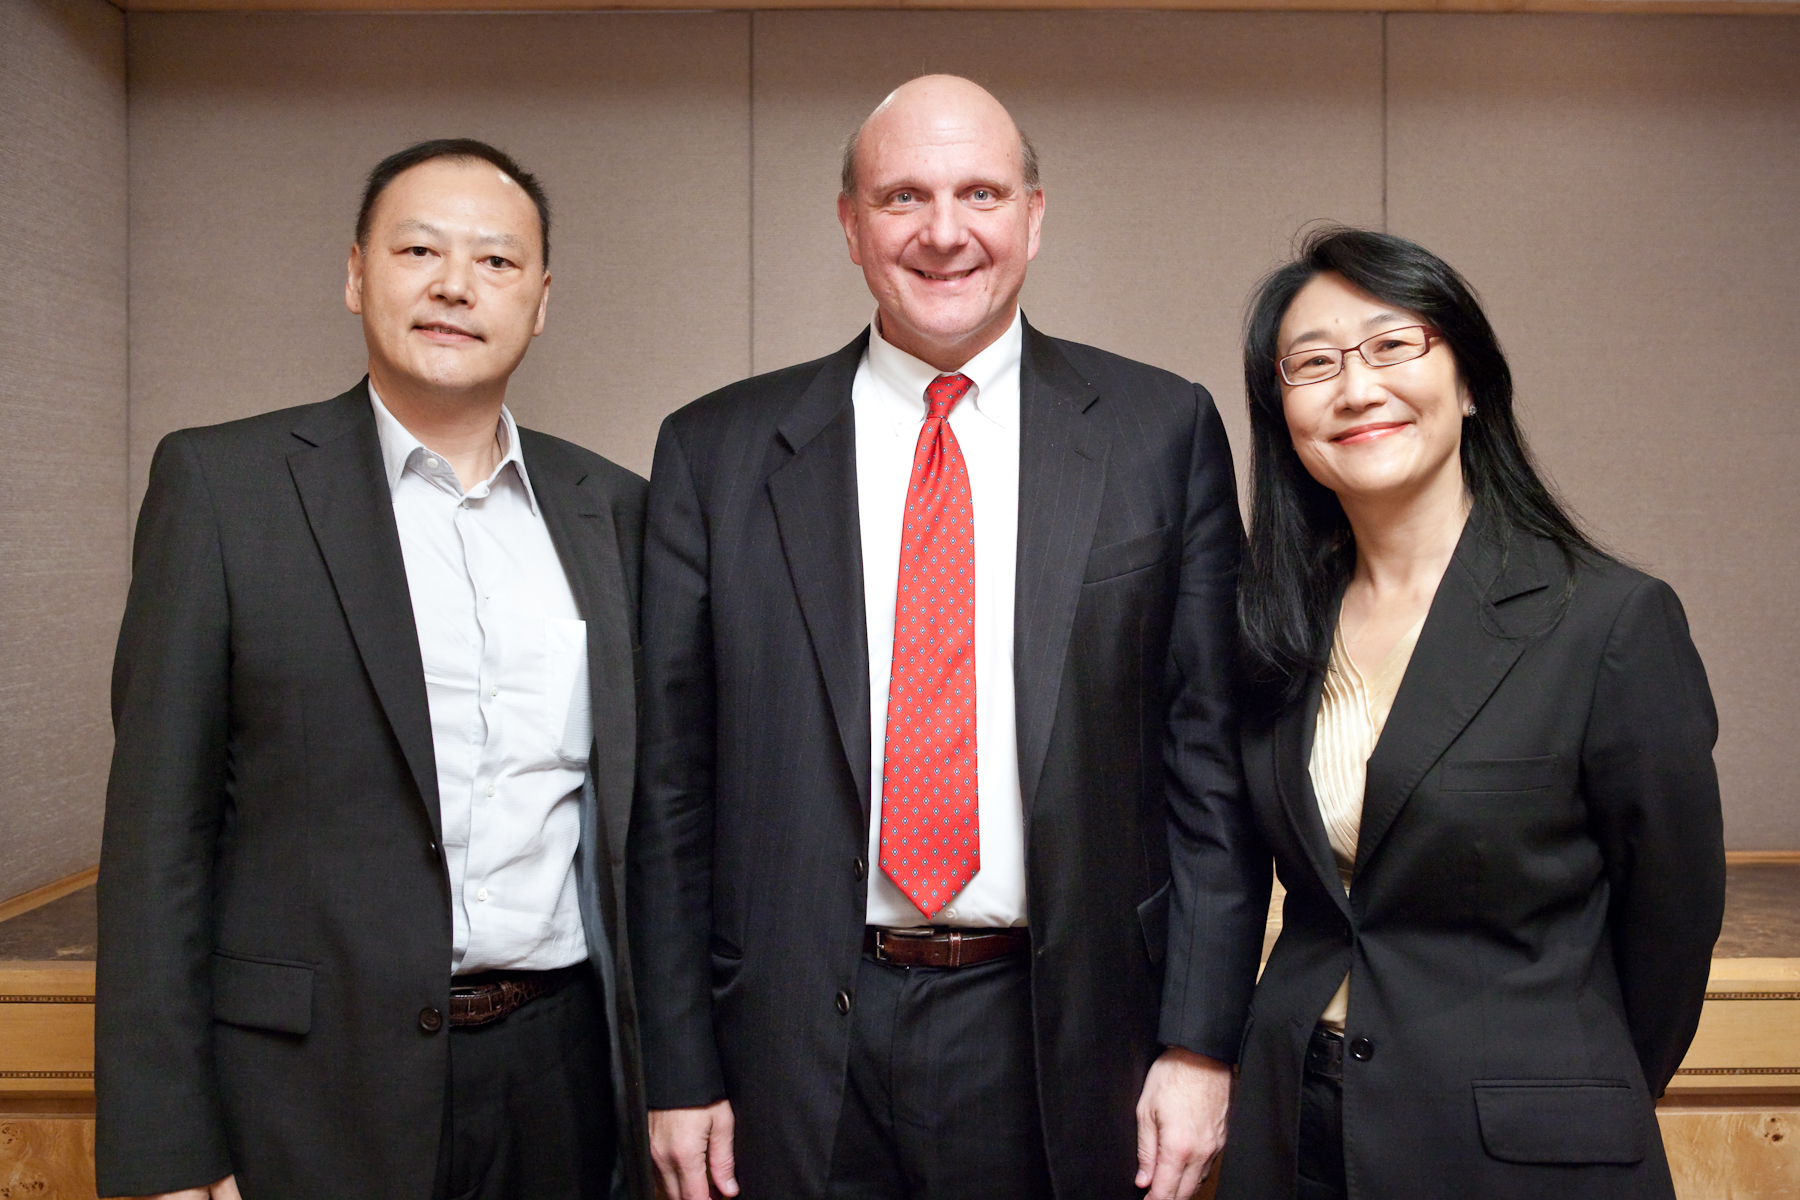 圖左至右分別為宏達電執行長周永明、時任微軟執行長的鮑默與宏達電董事長王雪紅(照片提供/大立文創)。